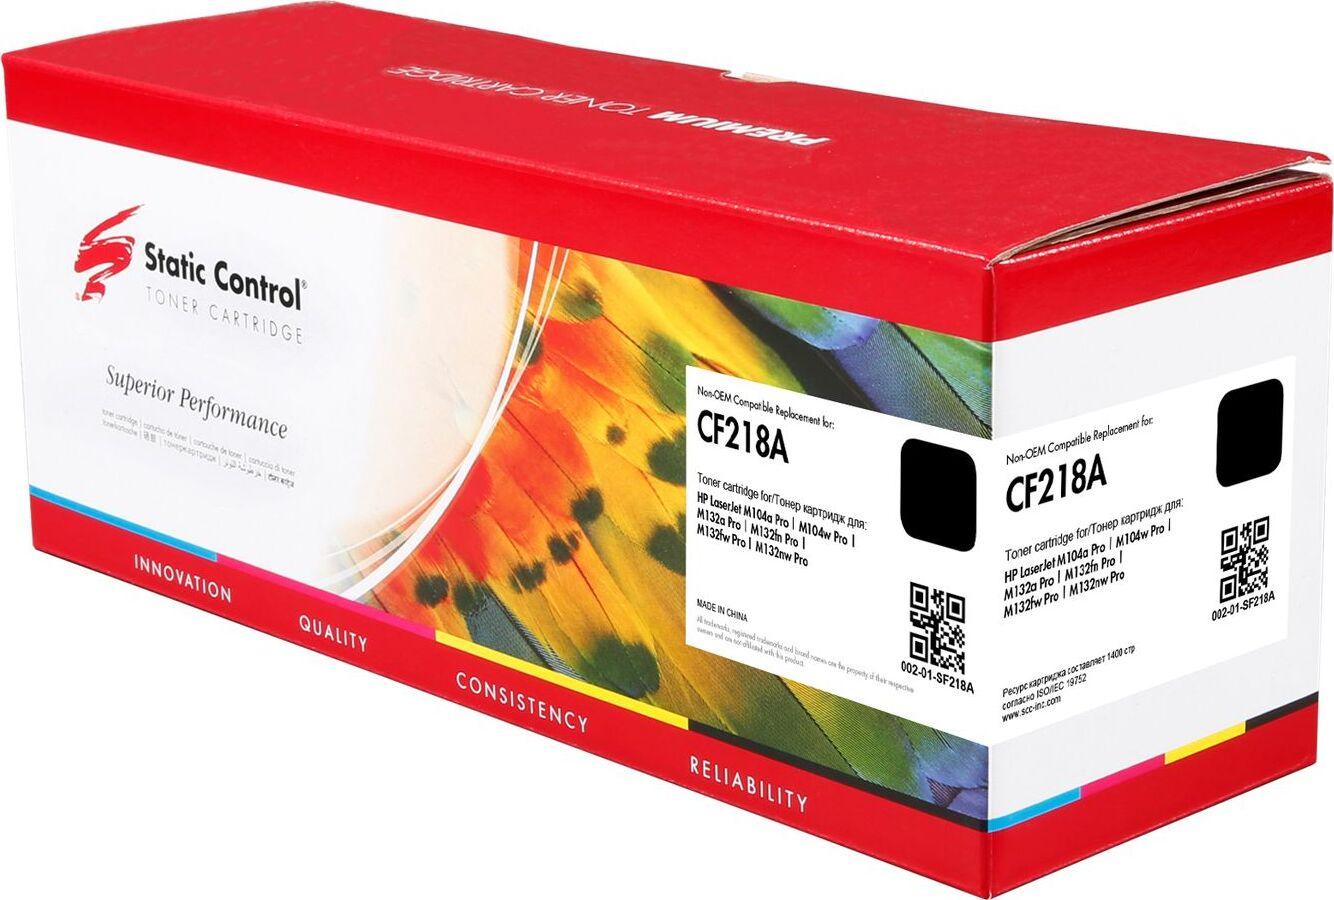 Картридж Static Control CF218A, черный, для лазерного принтера